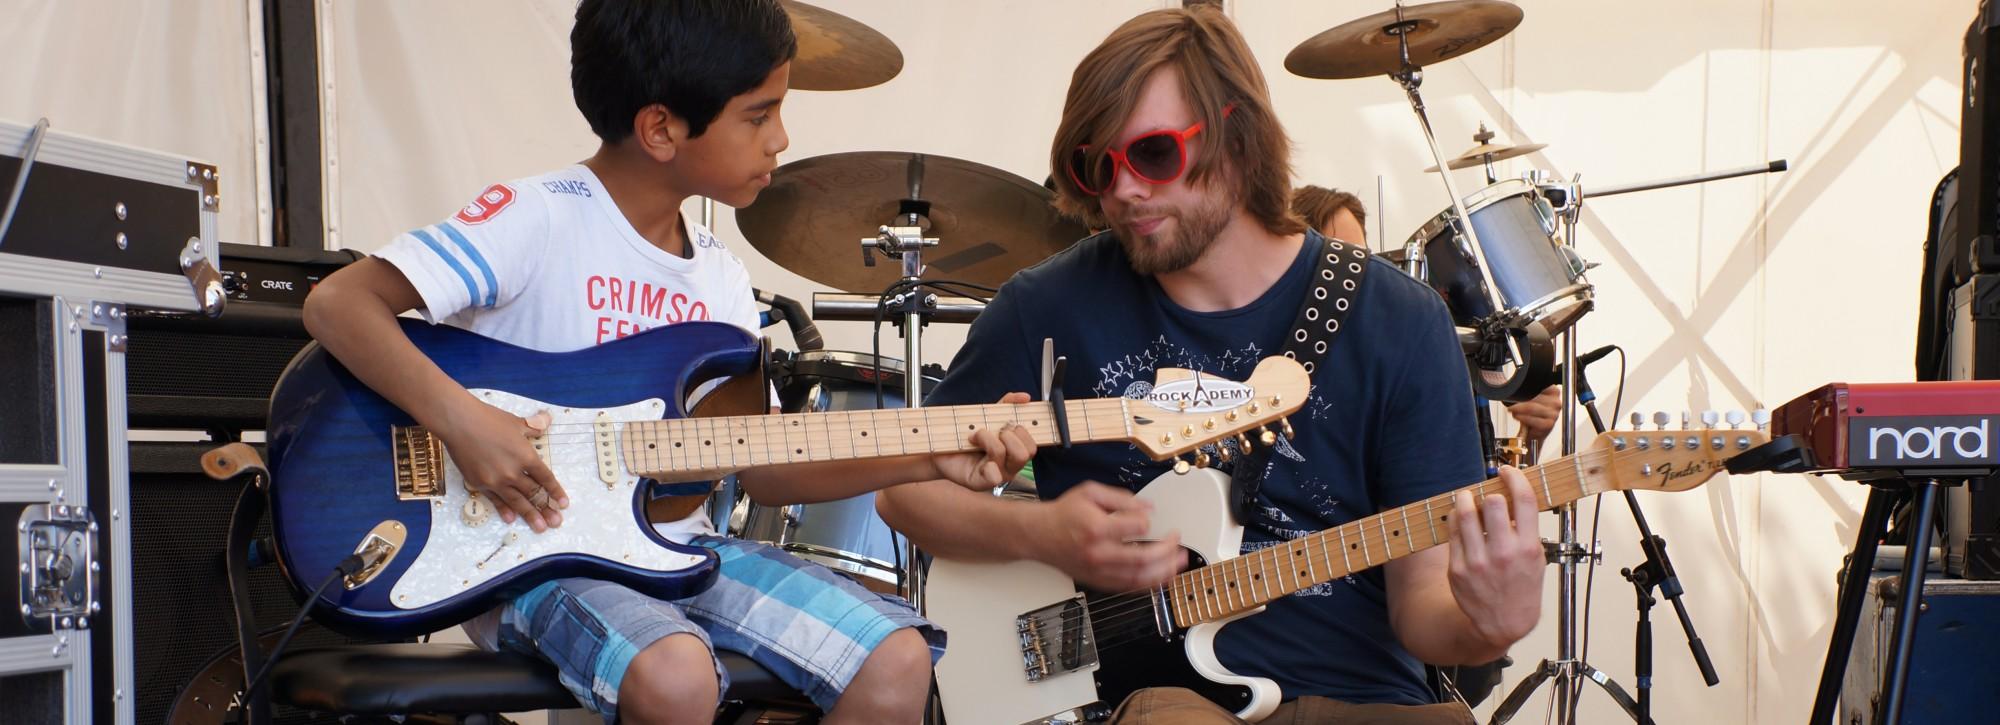 gitaarles leiden